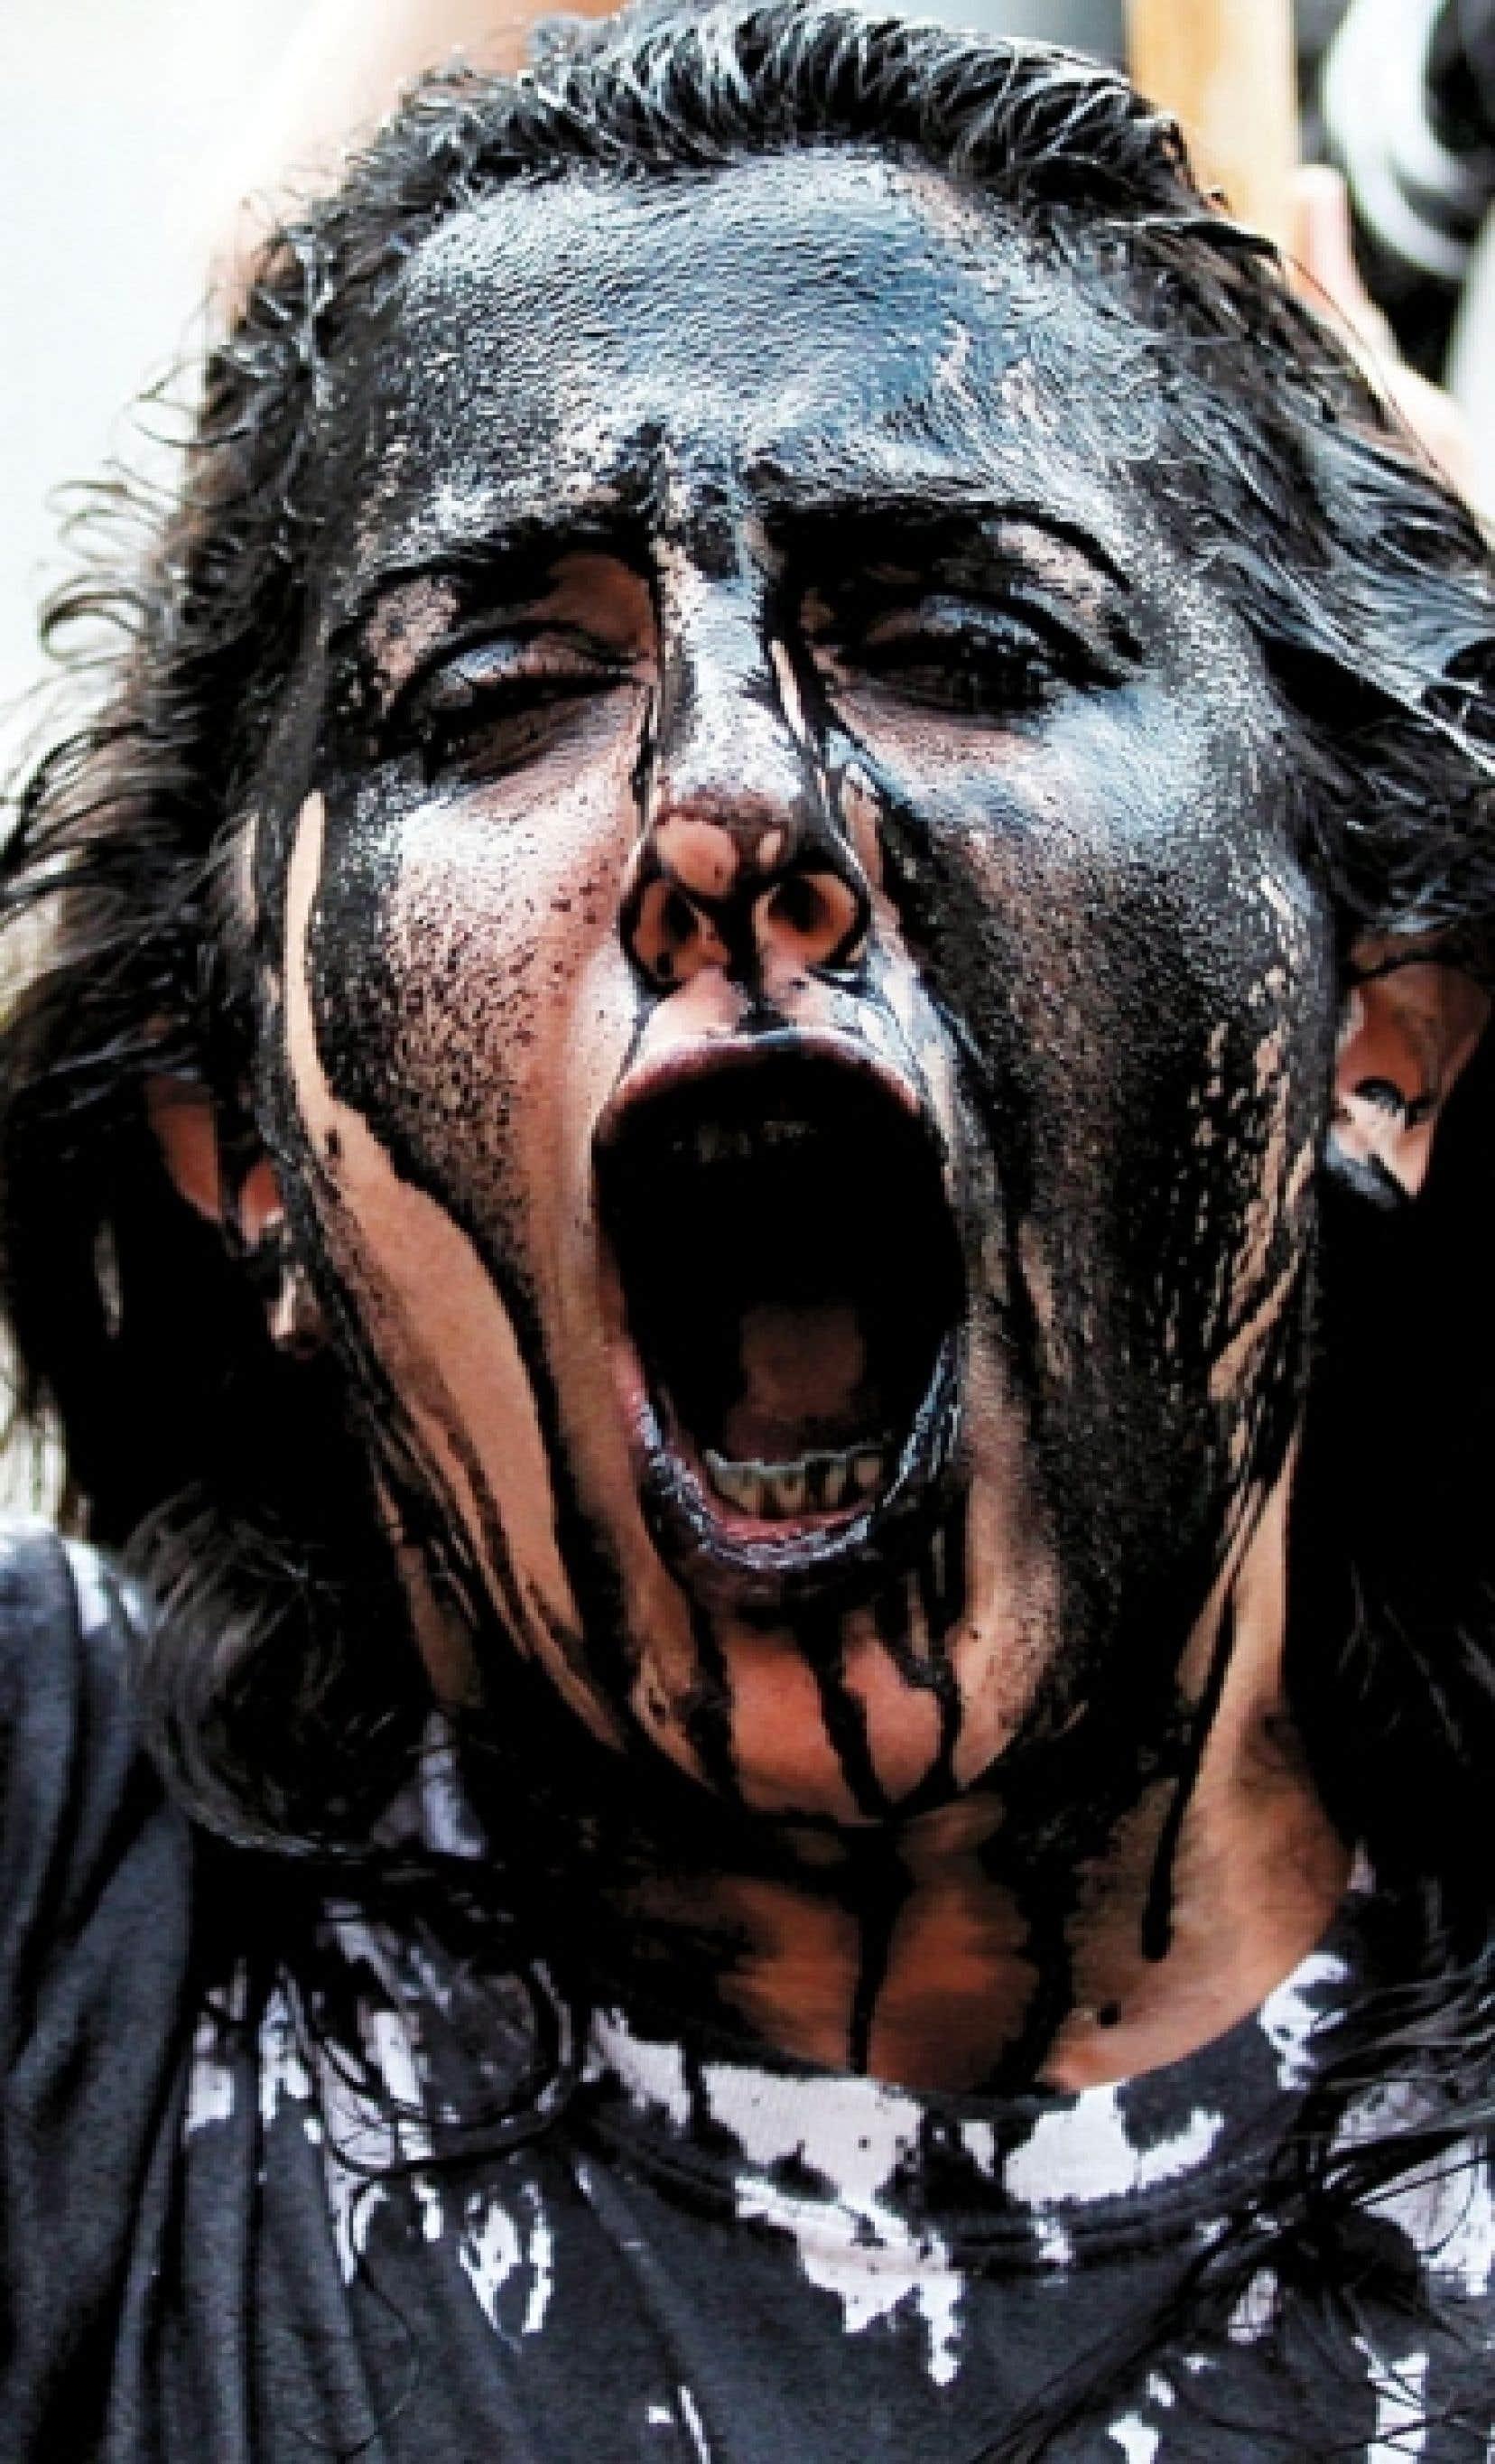 De nombreux citoyens américains avaient protesté contre BP - certains s'enduisant les cheveux et le visage avec une imitation d'huile - à la suite de l'explosion de la plateforme pétrolière Deepwater Horizon, en 2010. BP continue aujourd'hui de payer le prix de son incurie, le gouvernement américain l'ayant exclu des contrats fédéraux.